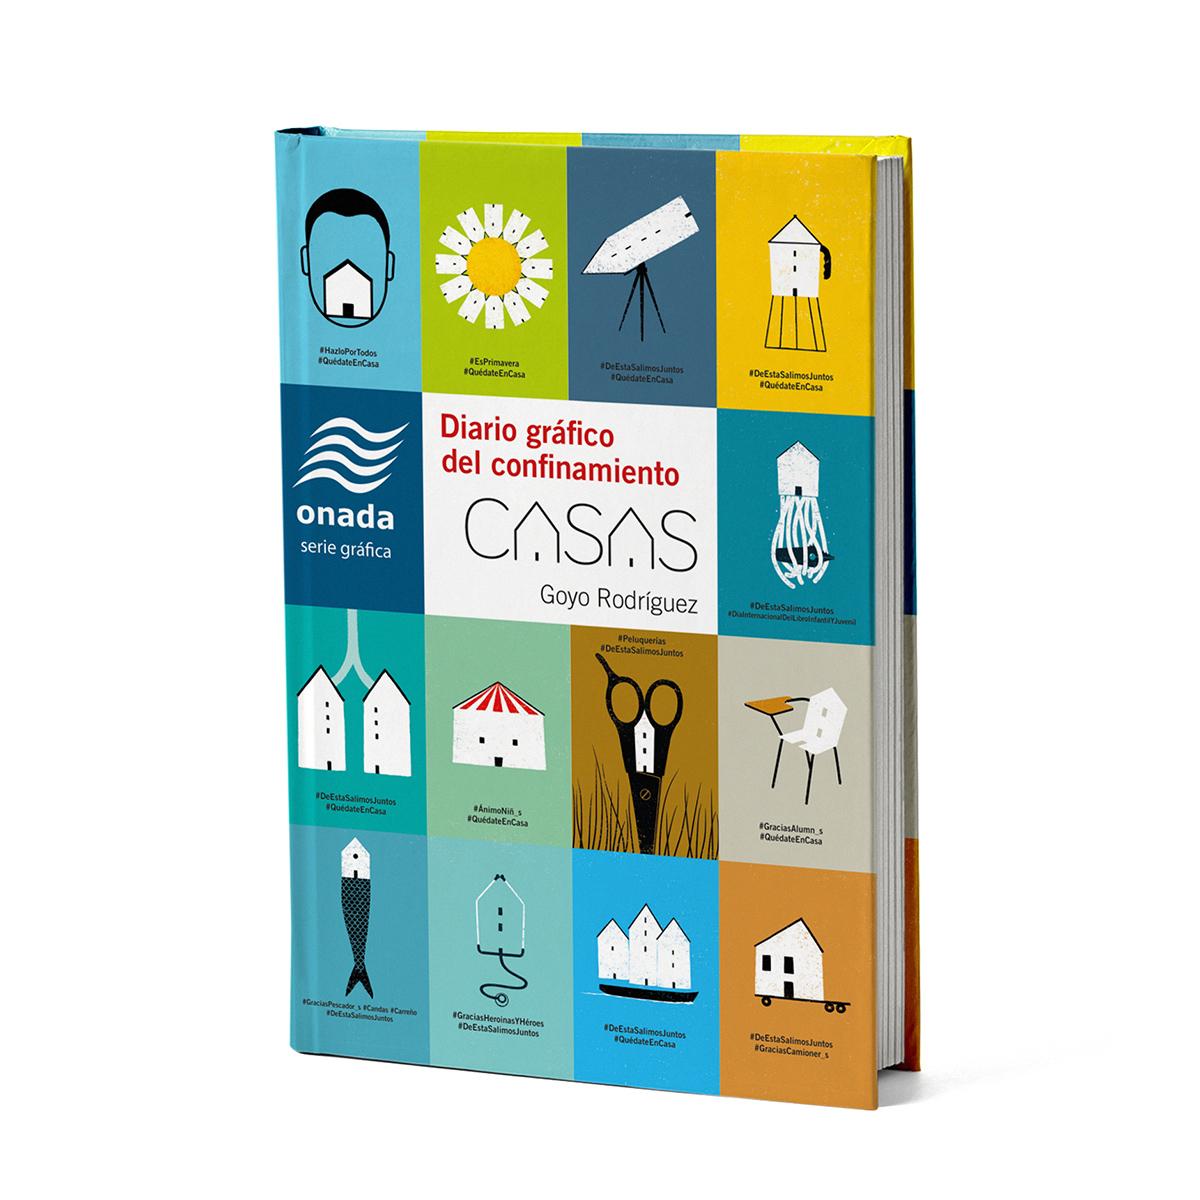 Casas. Diario gráfico del confinamiento. Portada Libro ilustrado by Goyo Rodríguez